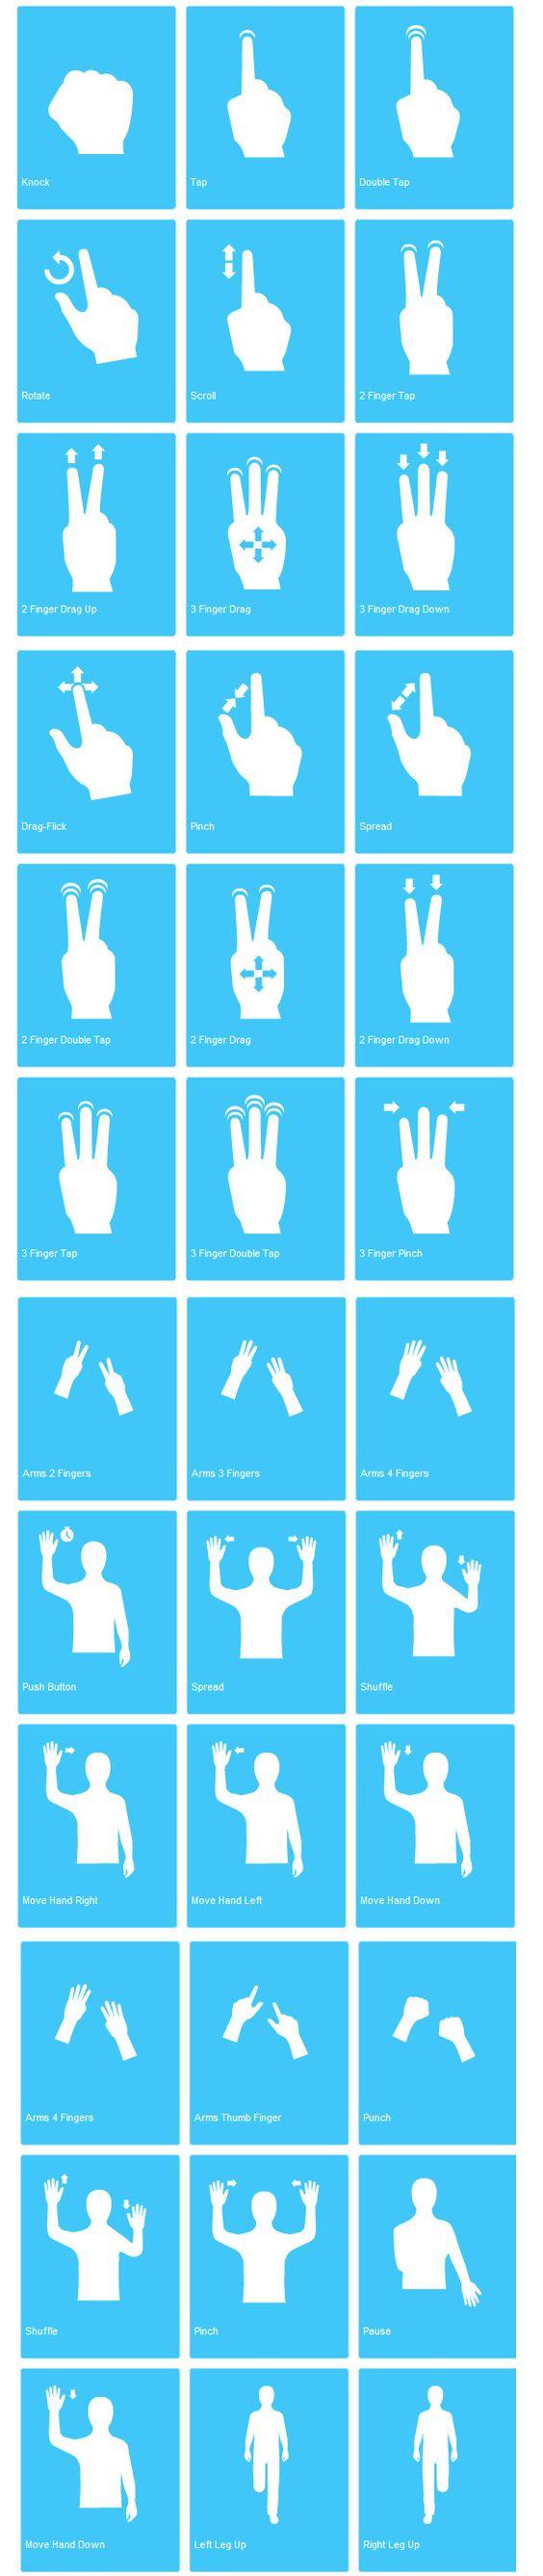 Téléchargez le guide du langage gestuel !